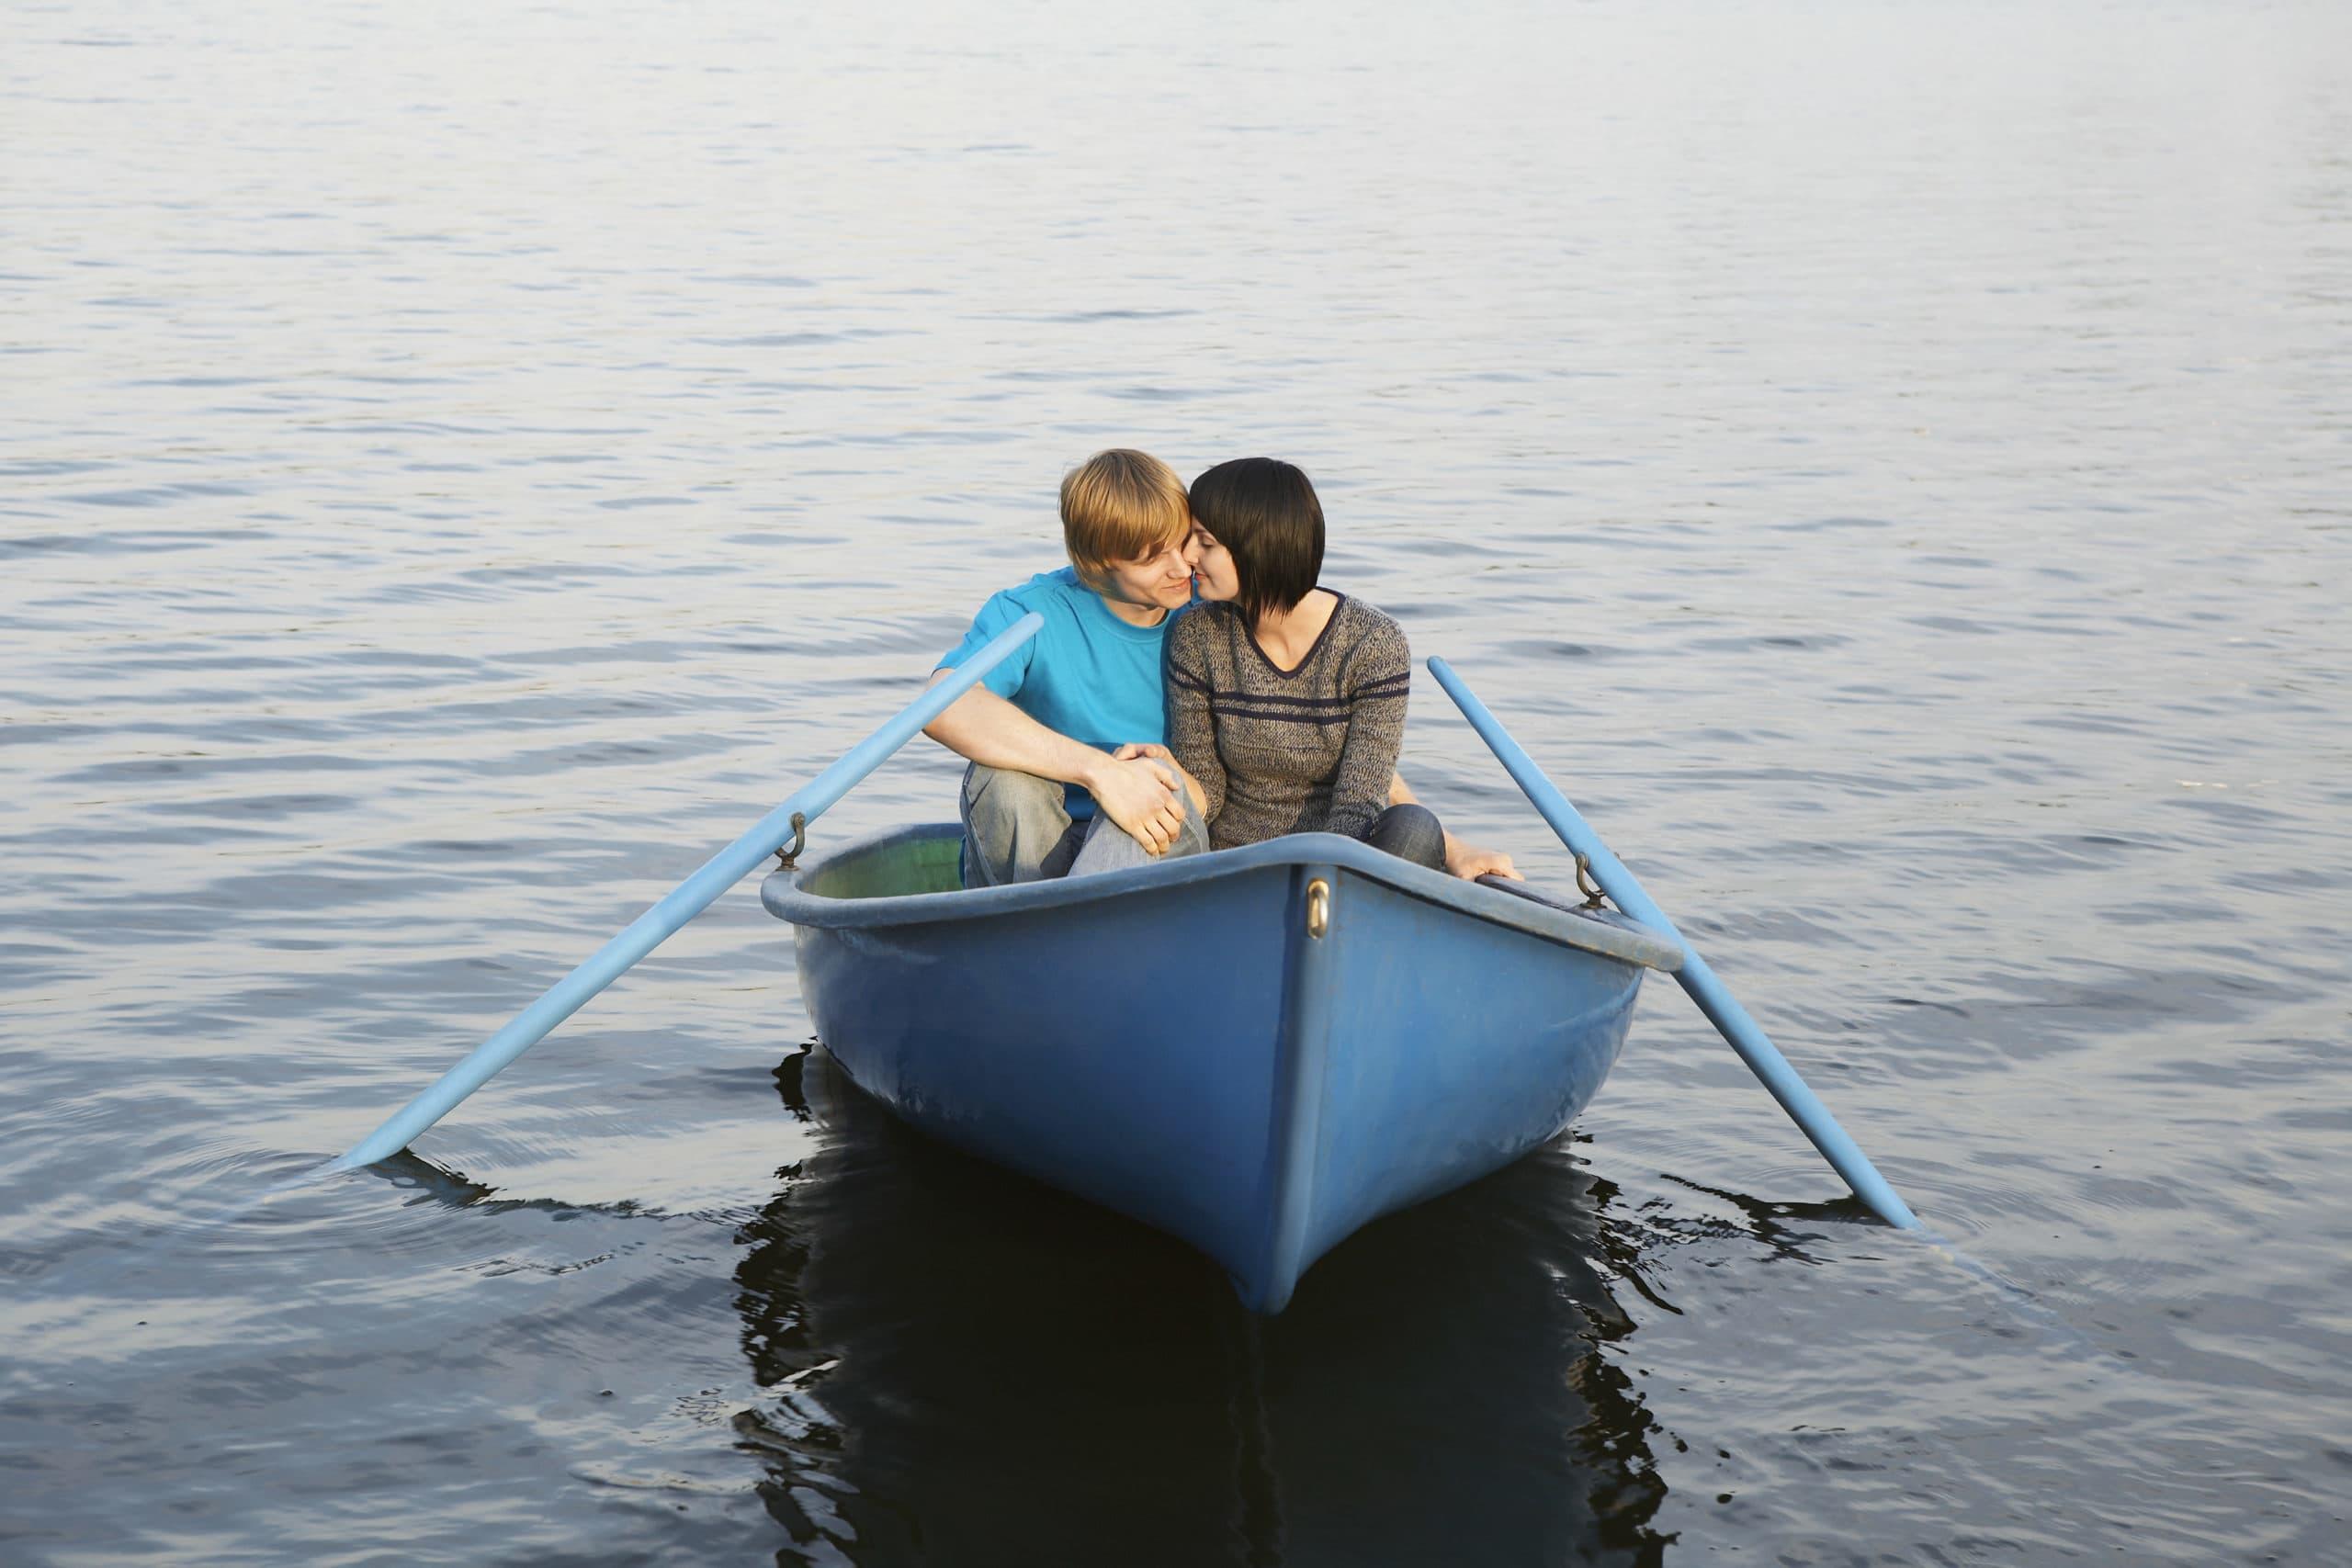 Rent a license-free boat in Croatia